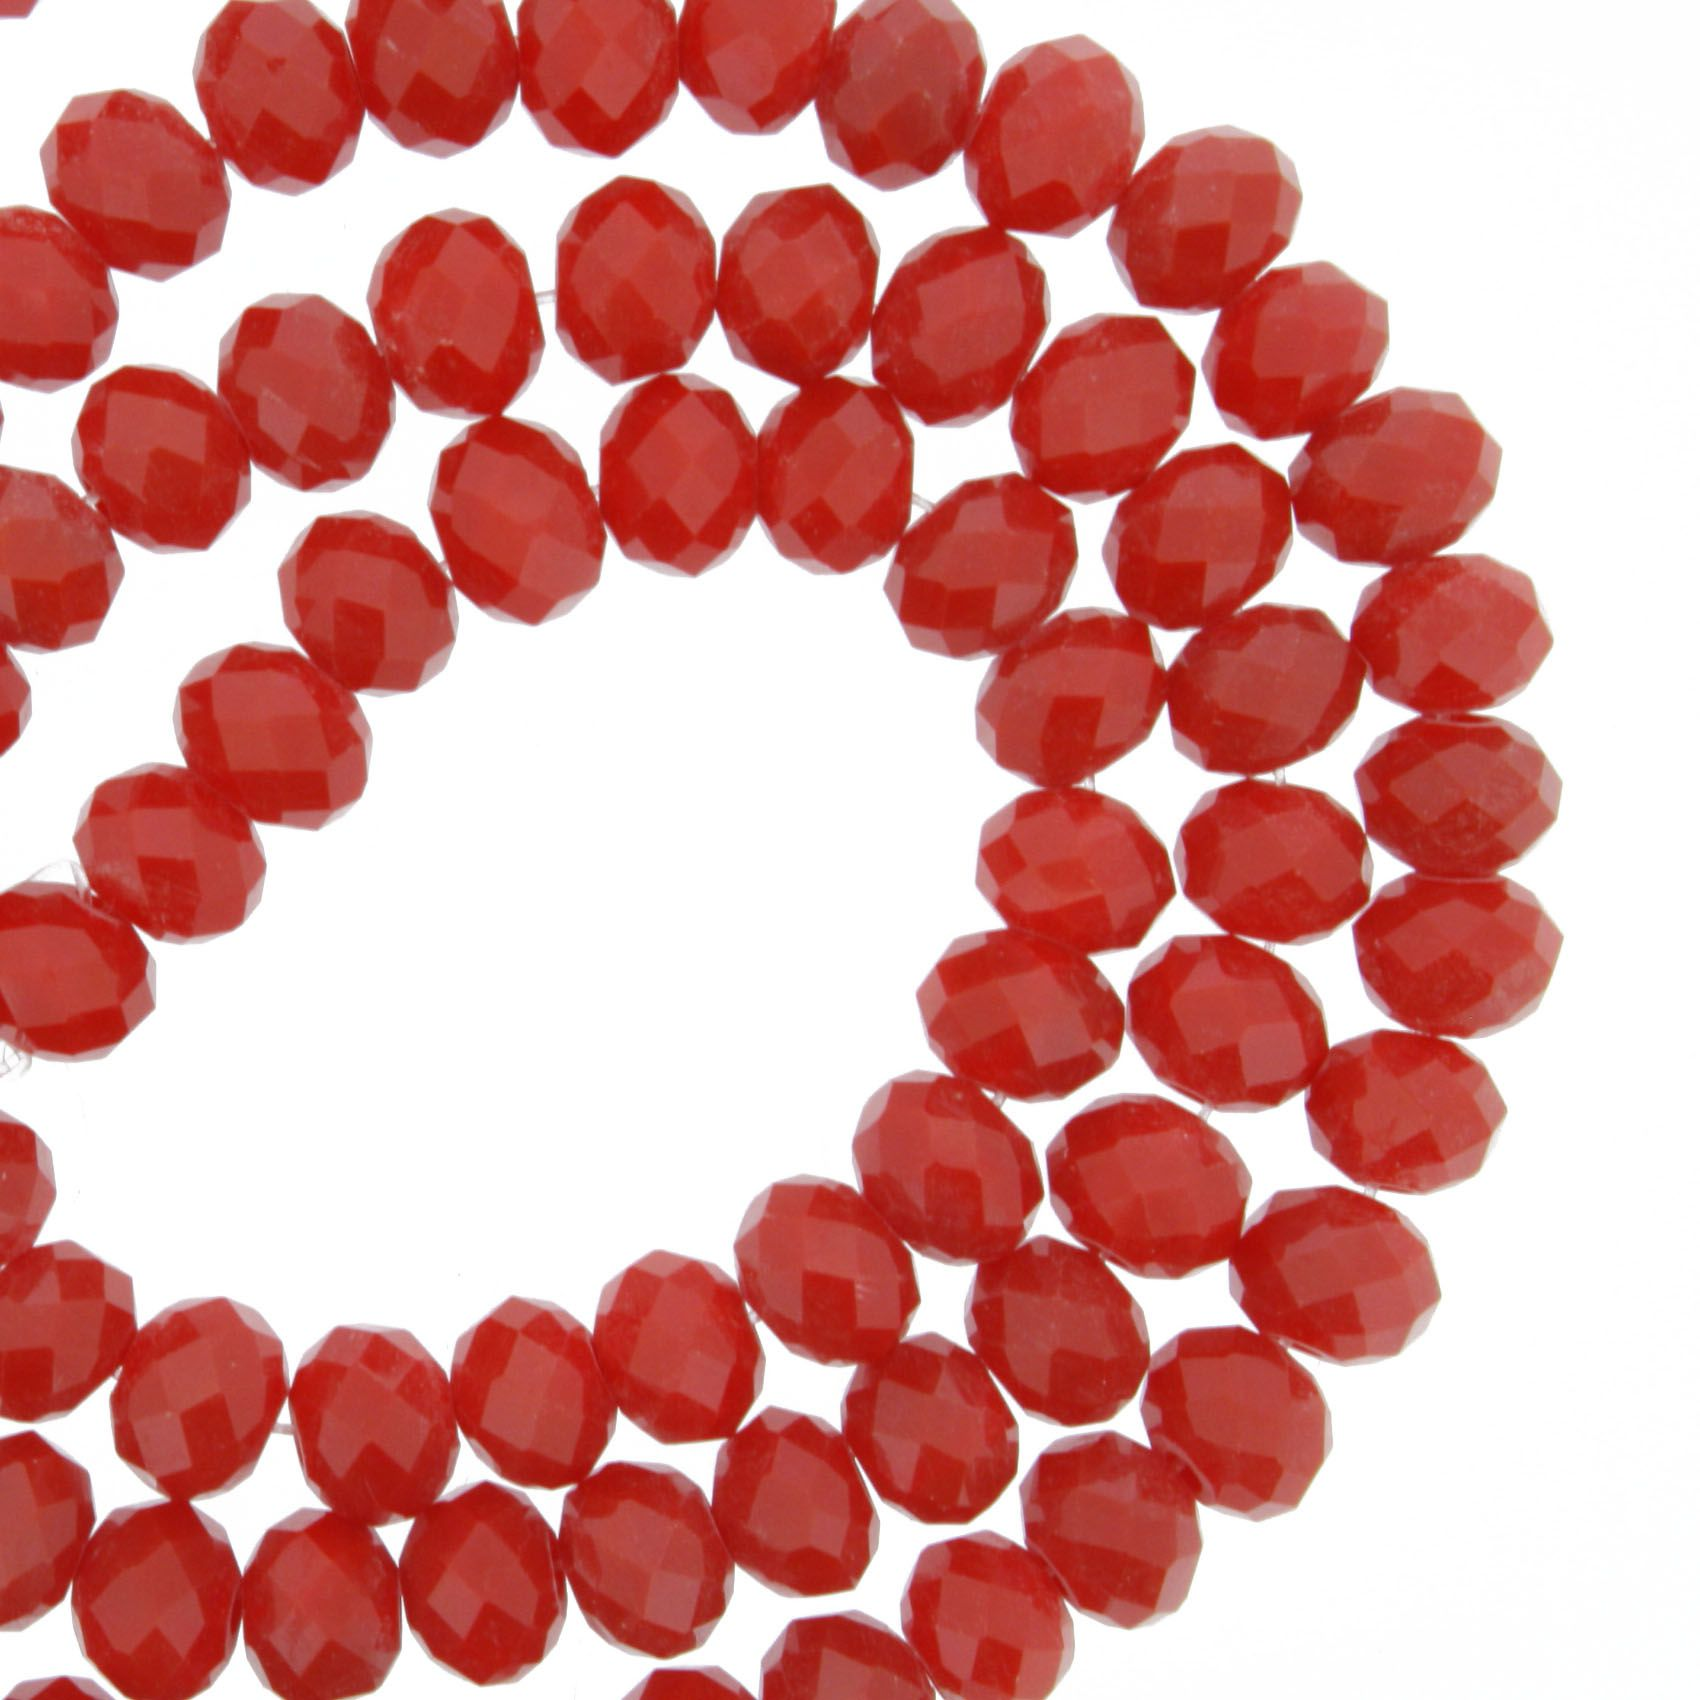 Fio de Cristal - Piatto® - Vermelho Transparente - 6mm  - Universo Religioso® - Artigos de Umbanda e Candomblé